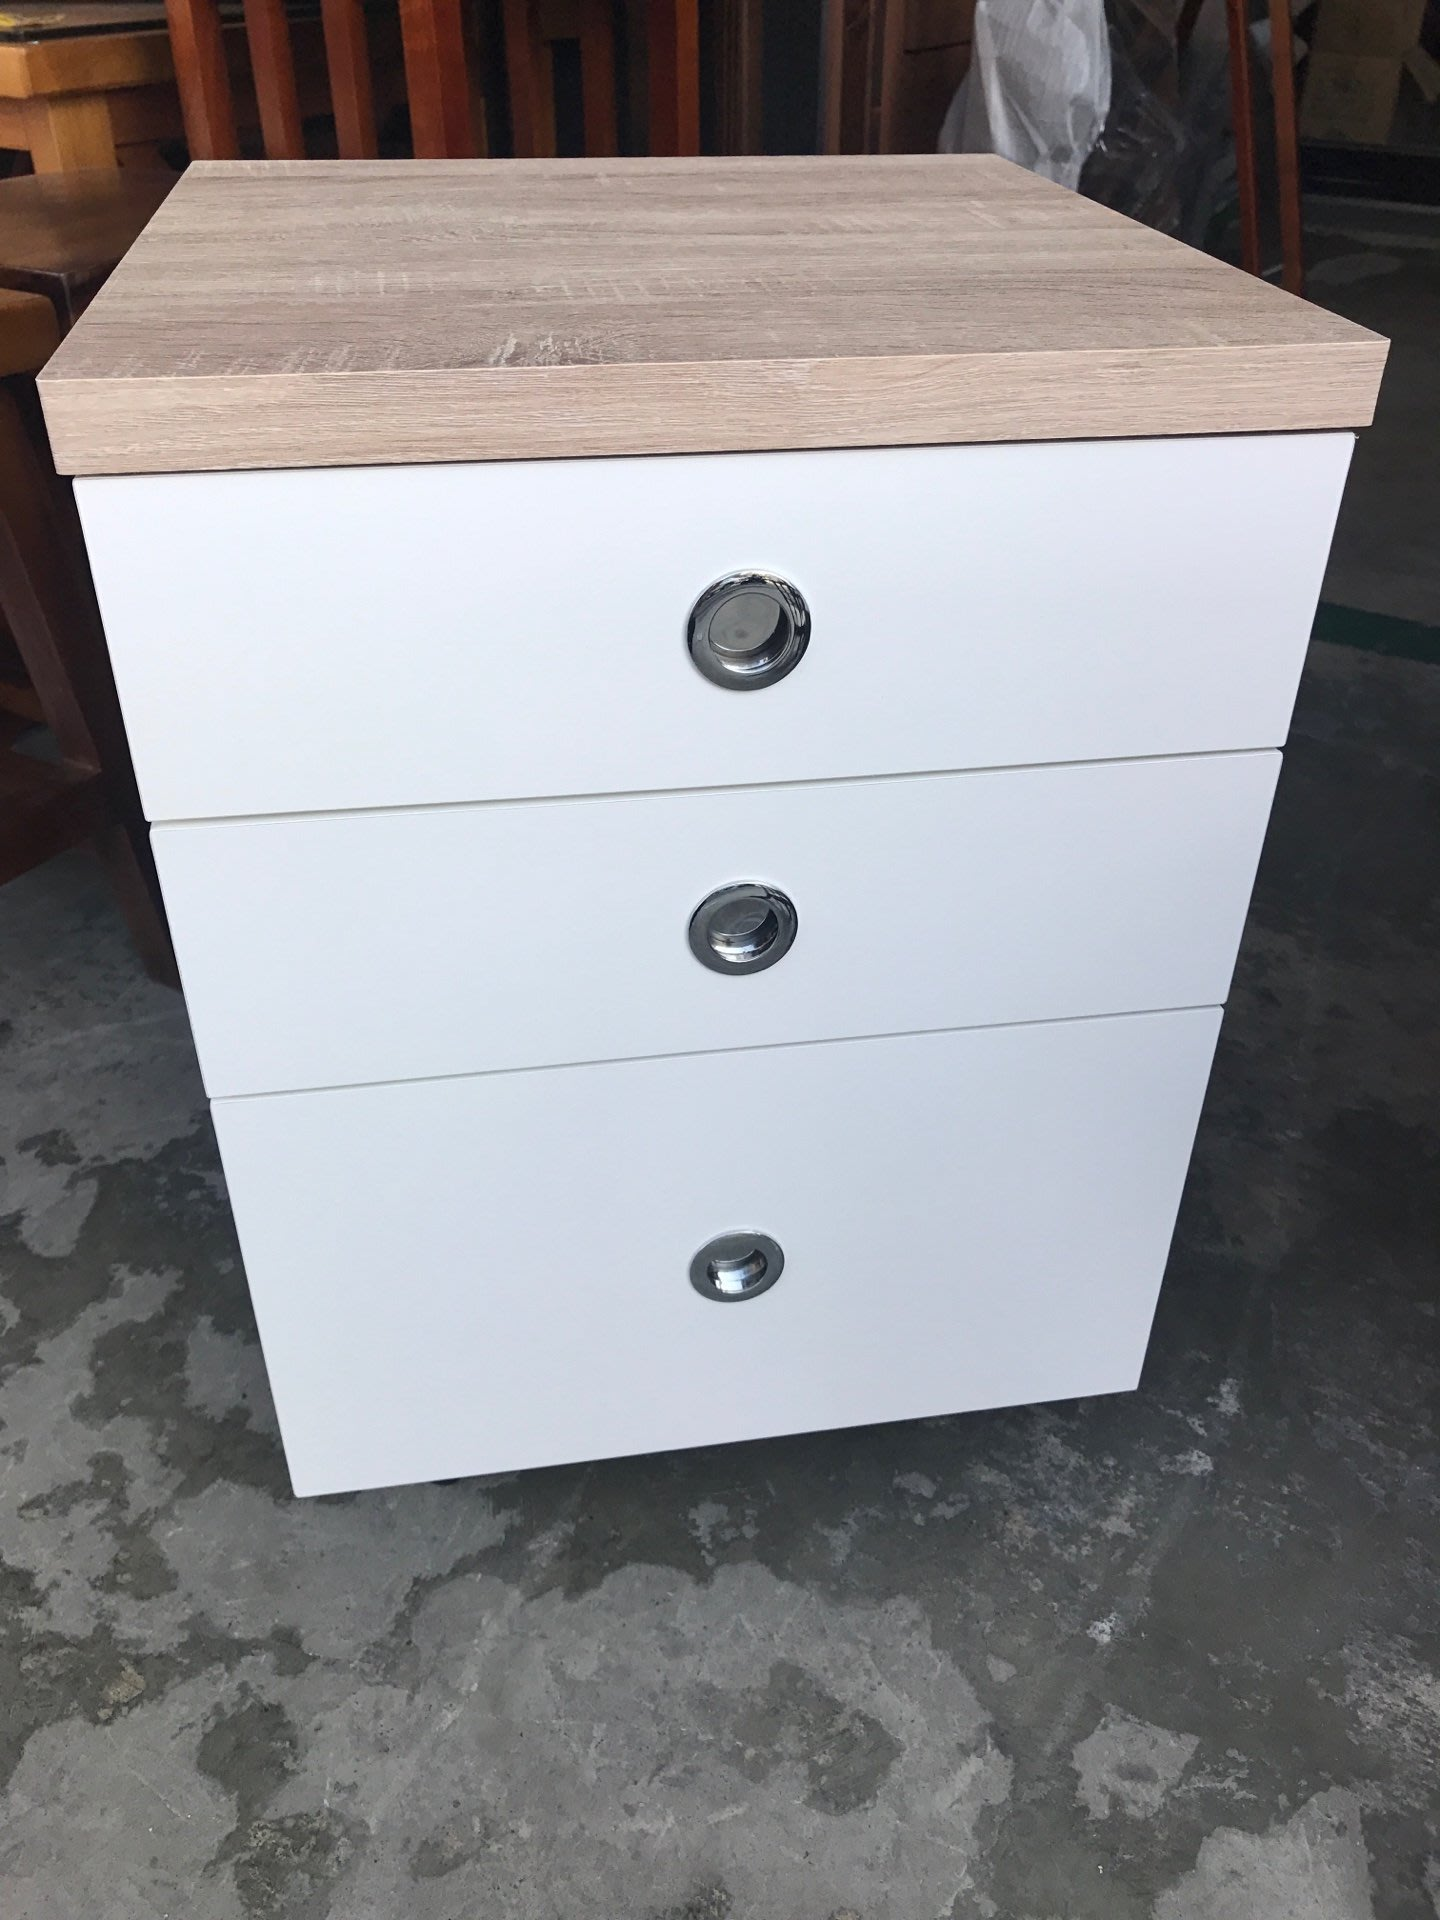 《鑫進行》新品 金美 雙色 活動櫃 三抽屜 三抽櫃 全木心板材質 木紋/白色